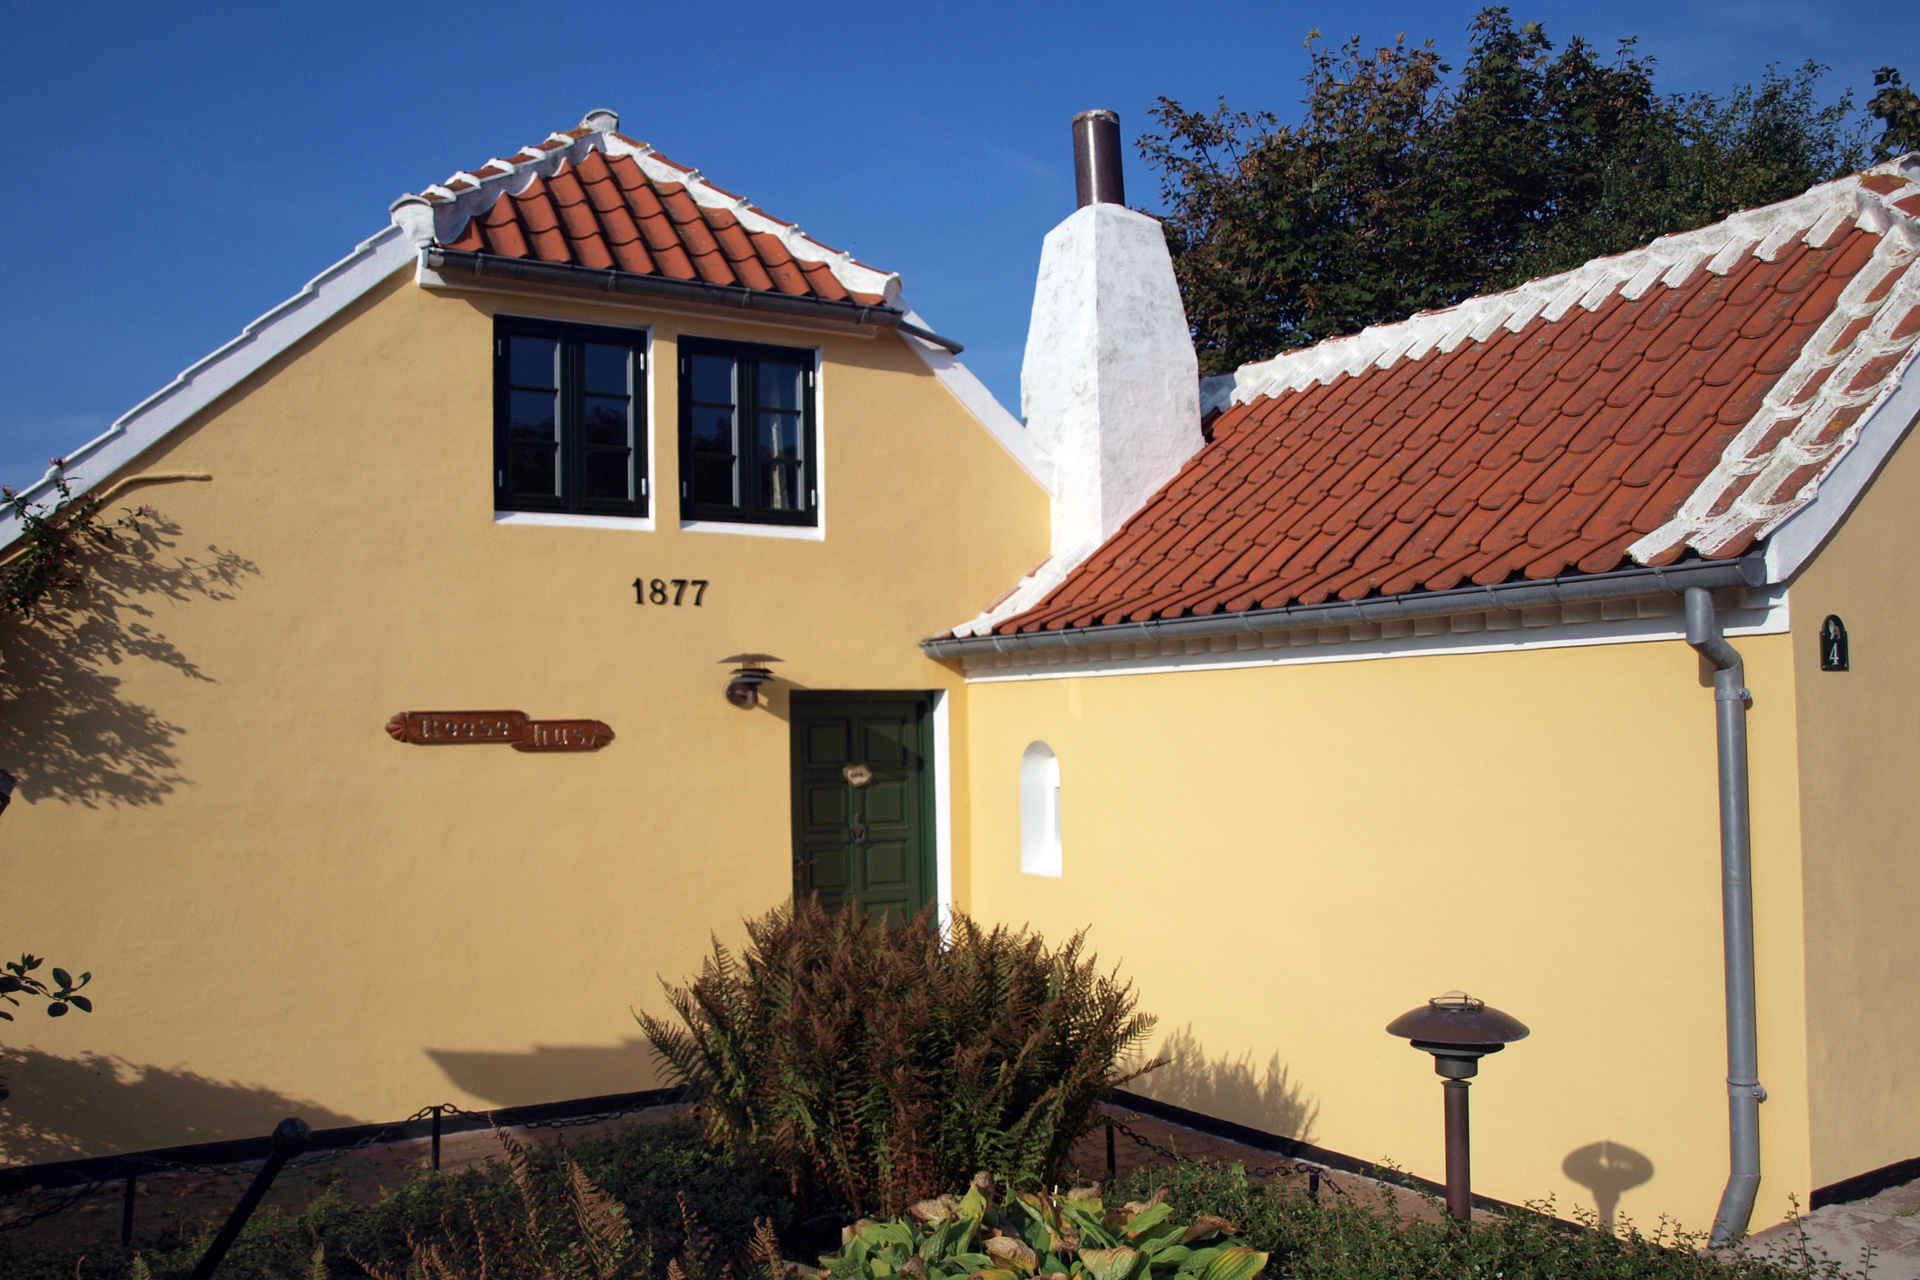 buchstabenplus in Skagen: typisches Skagenhaus